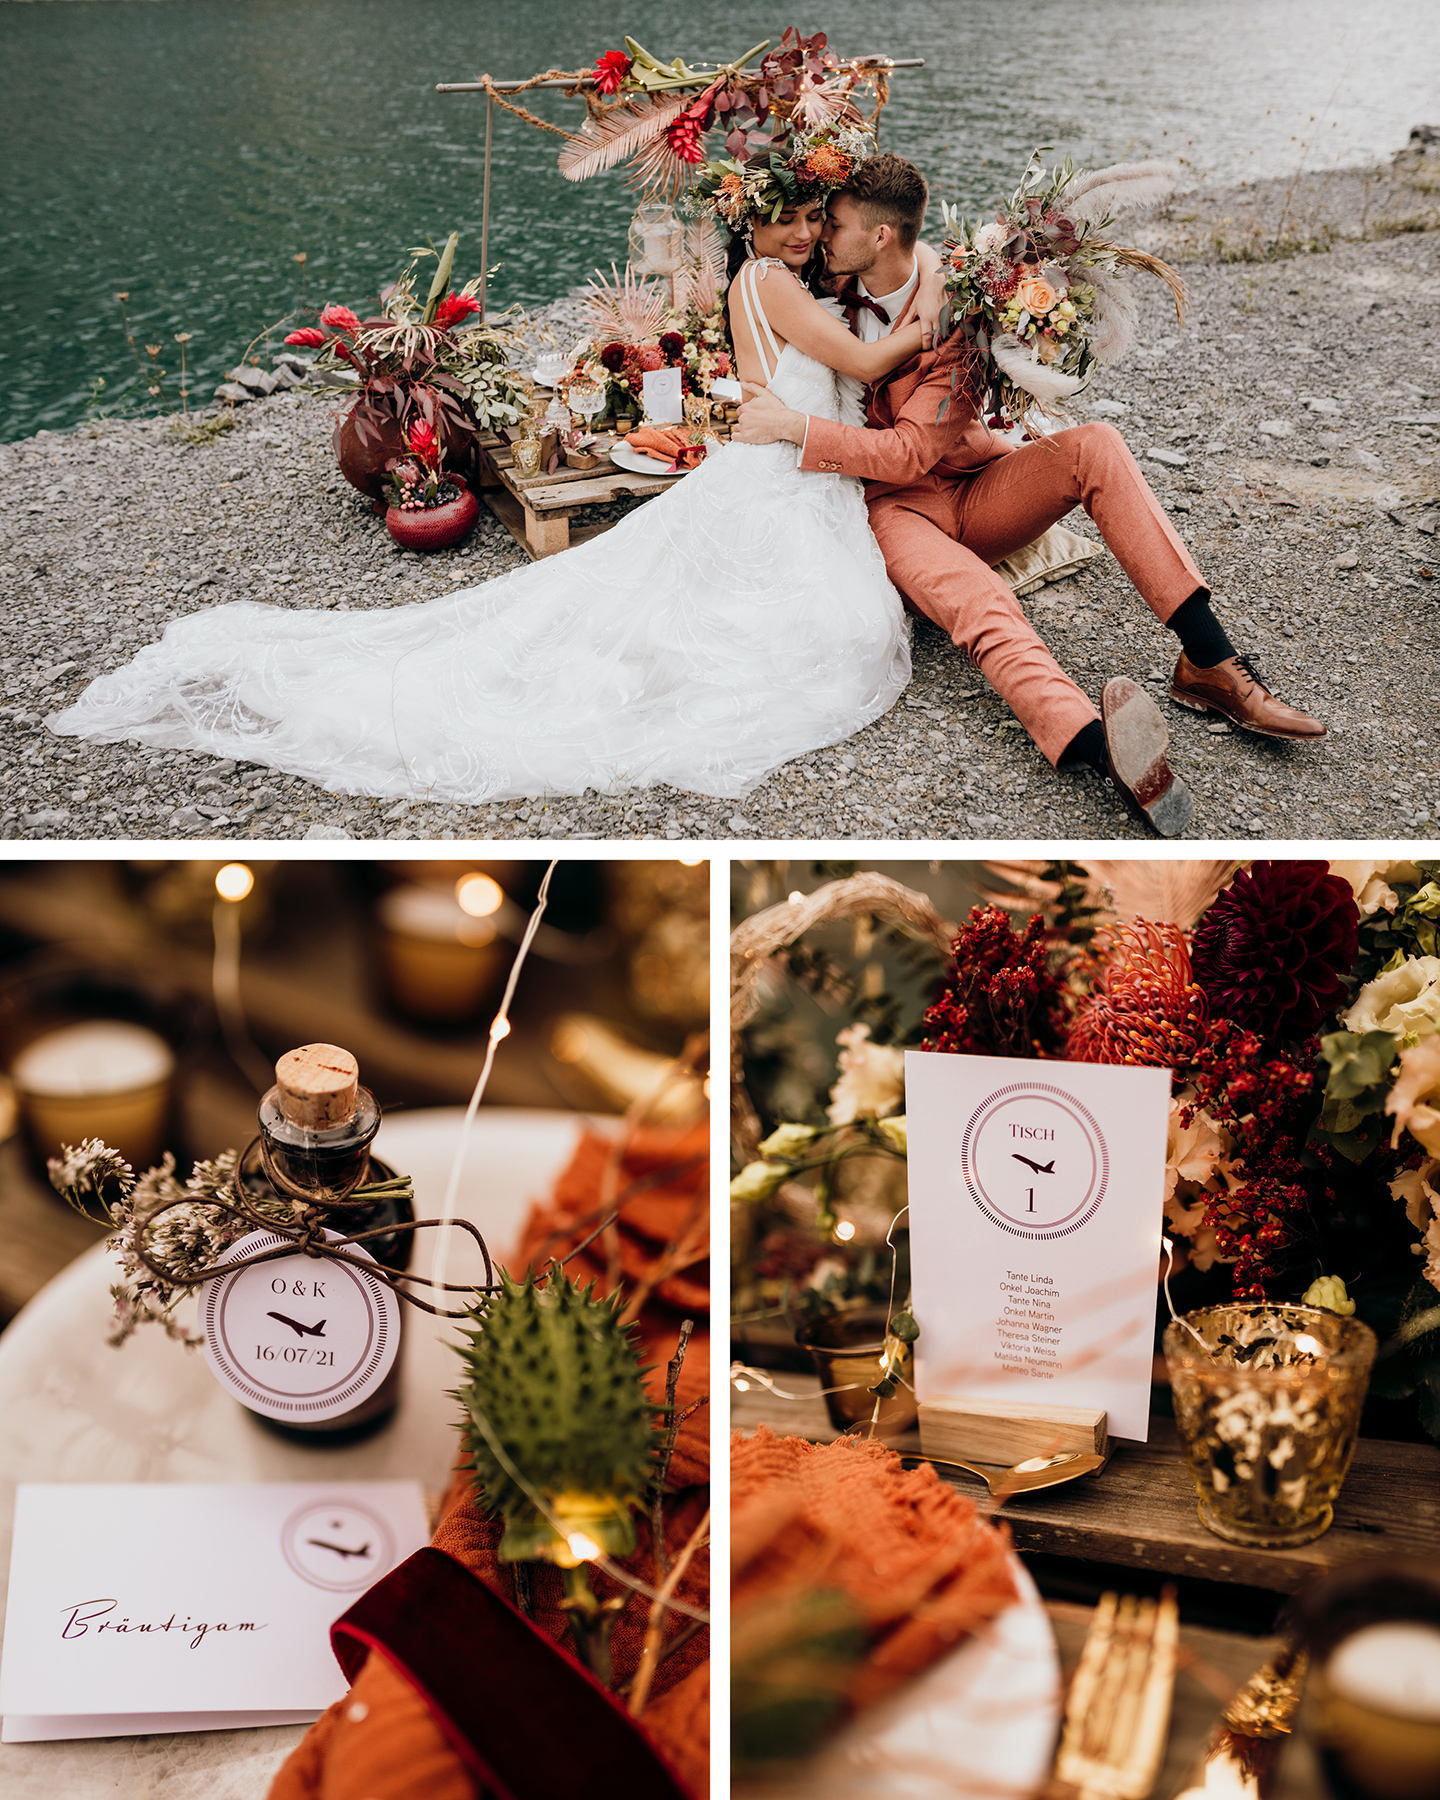 Eine Hochzeitstafel am See ist dekoriert mit orangen Blumen und Papeterie mit Flugzeug-Illustrationen.